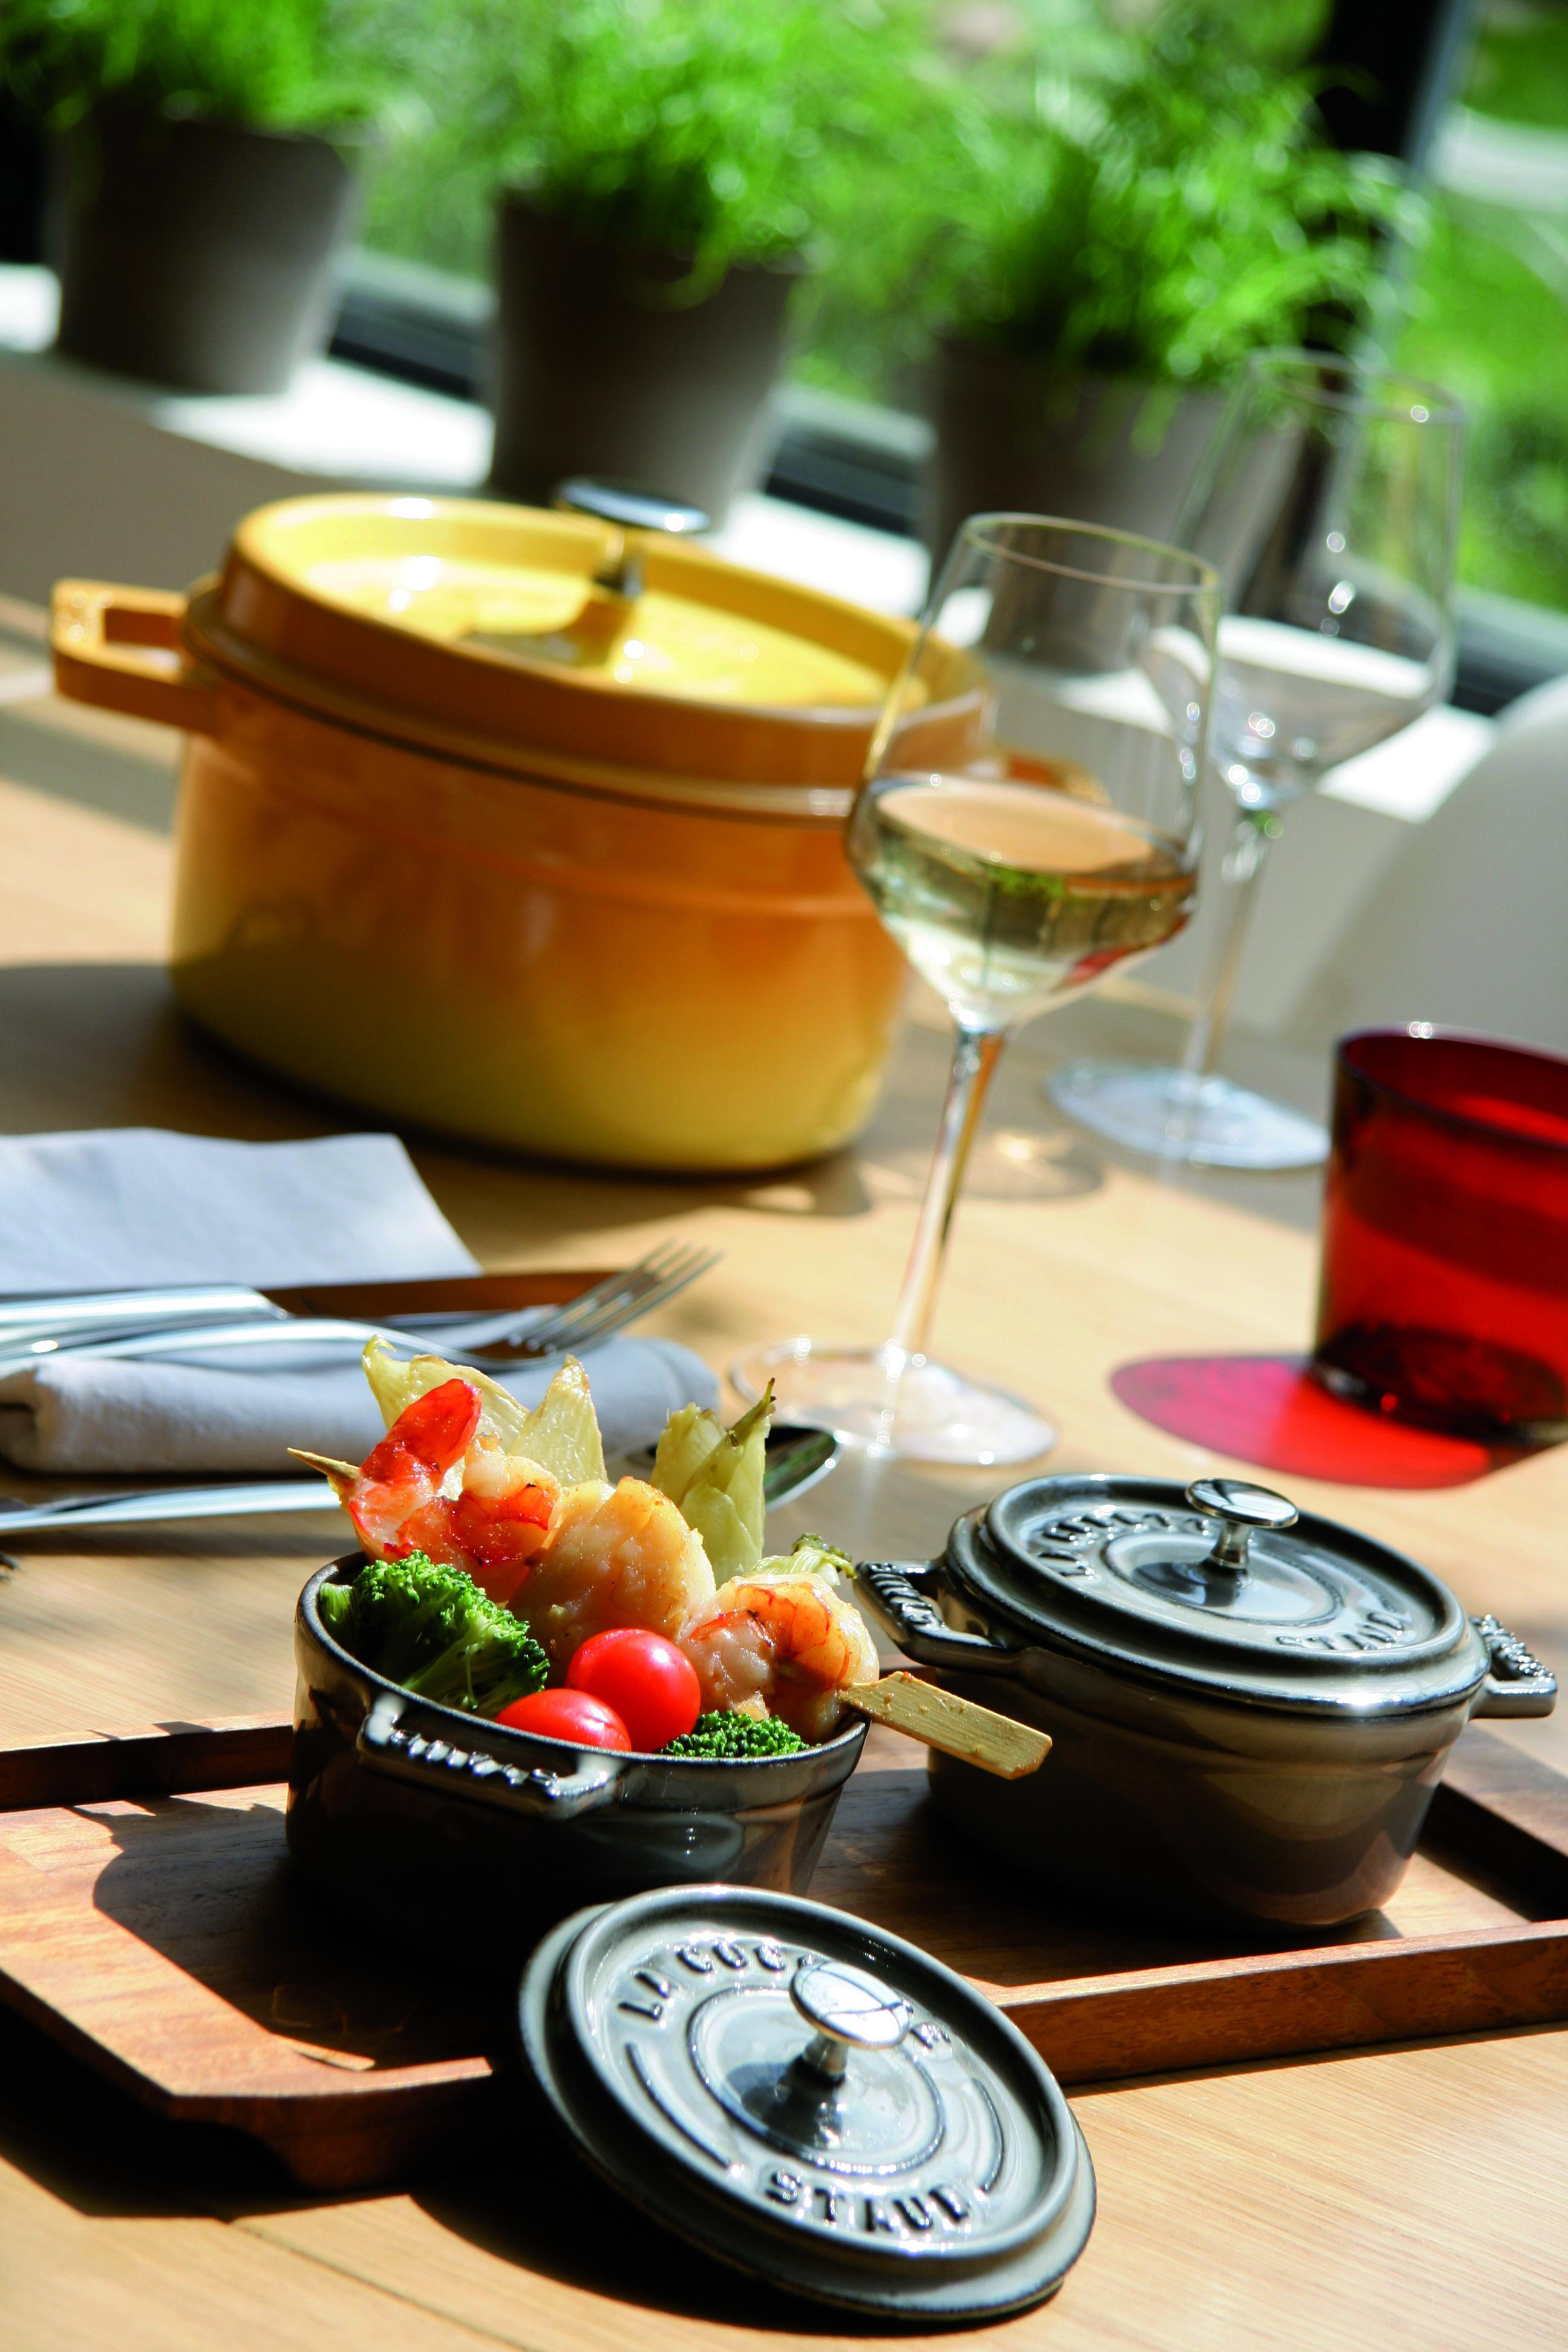 La nueva colección Staub de cerámica y hierro fundido, con fondues, tajines o woks, representa la más alta calidad en fabricación